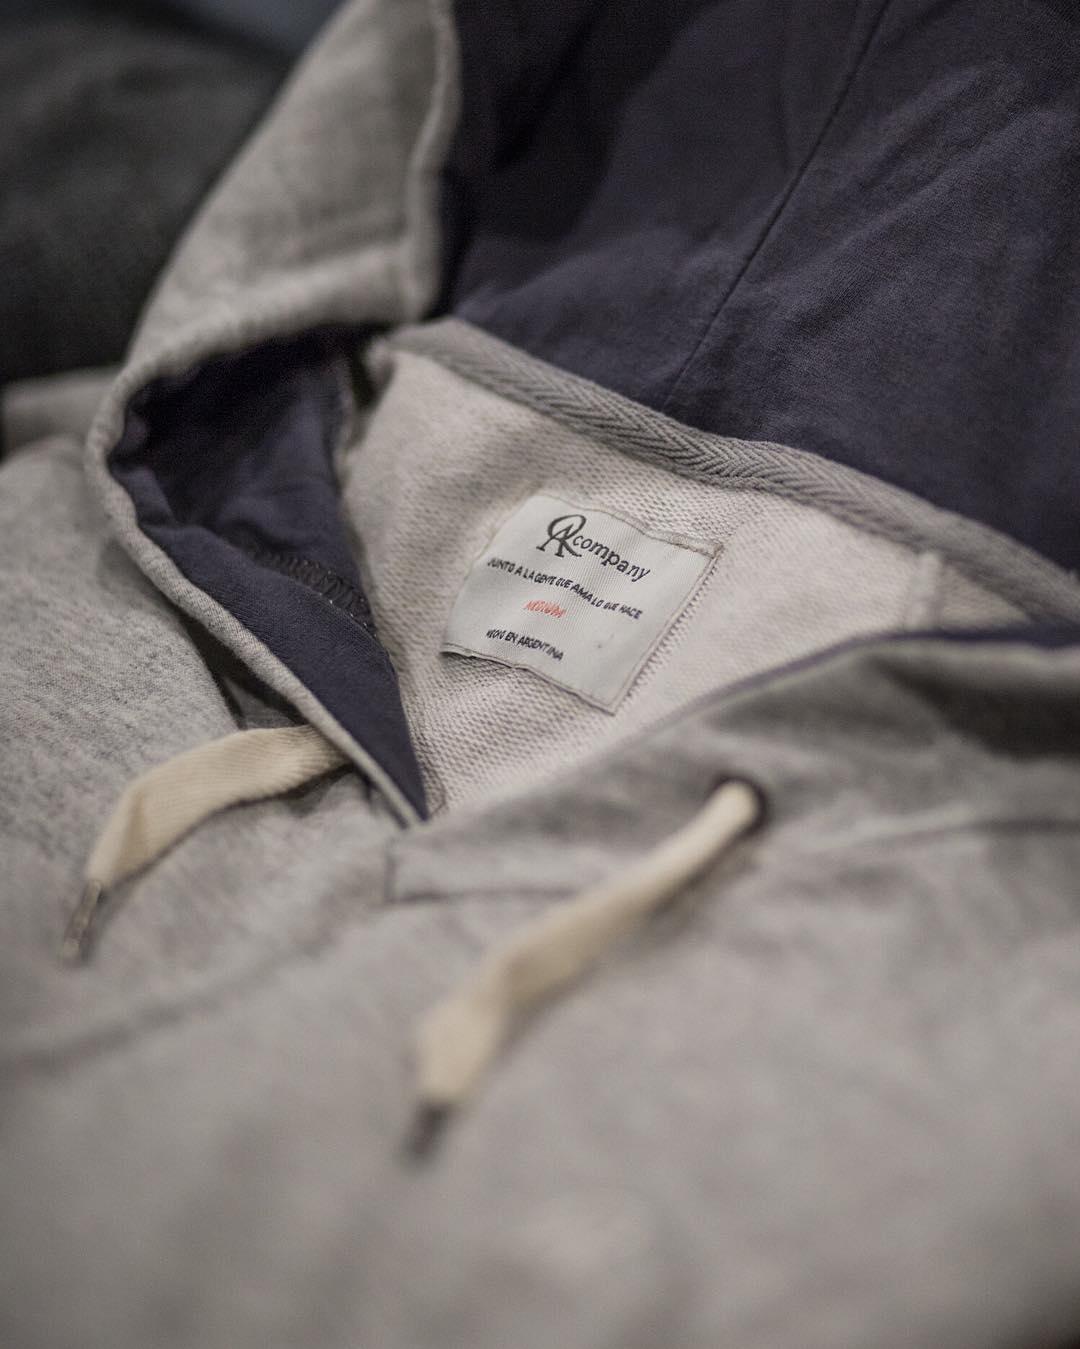 - La zona de confort nos incomoda -  Por eso, seguimos lanzando nuevos productos. Conseguilos en nuestros locales o Tienda Online [link en bio].